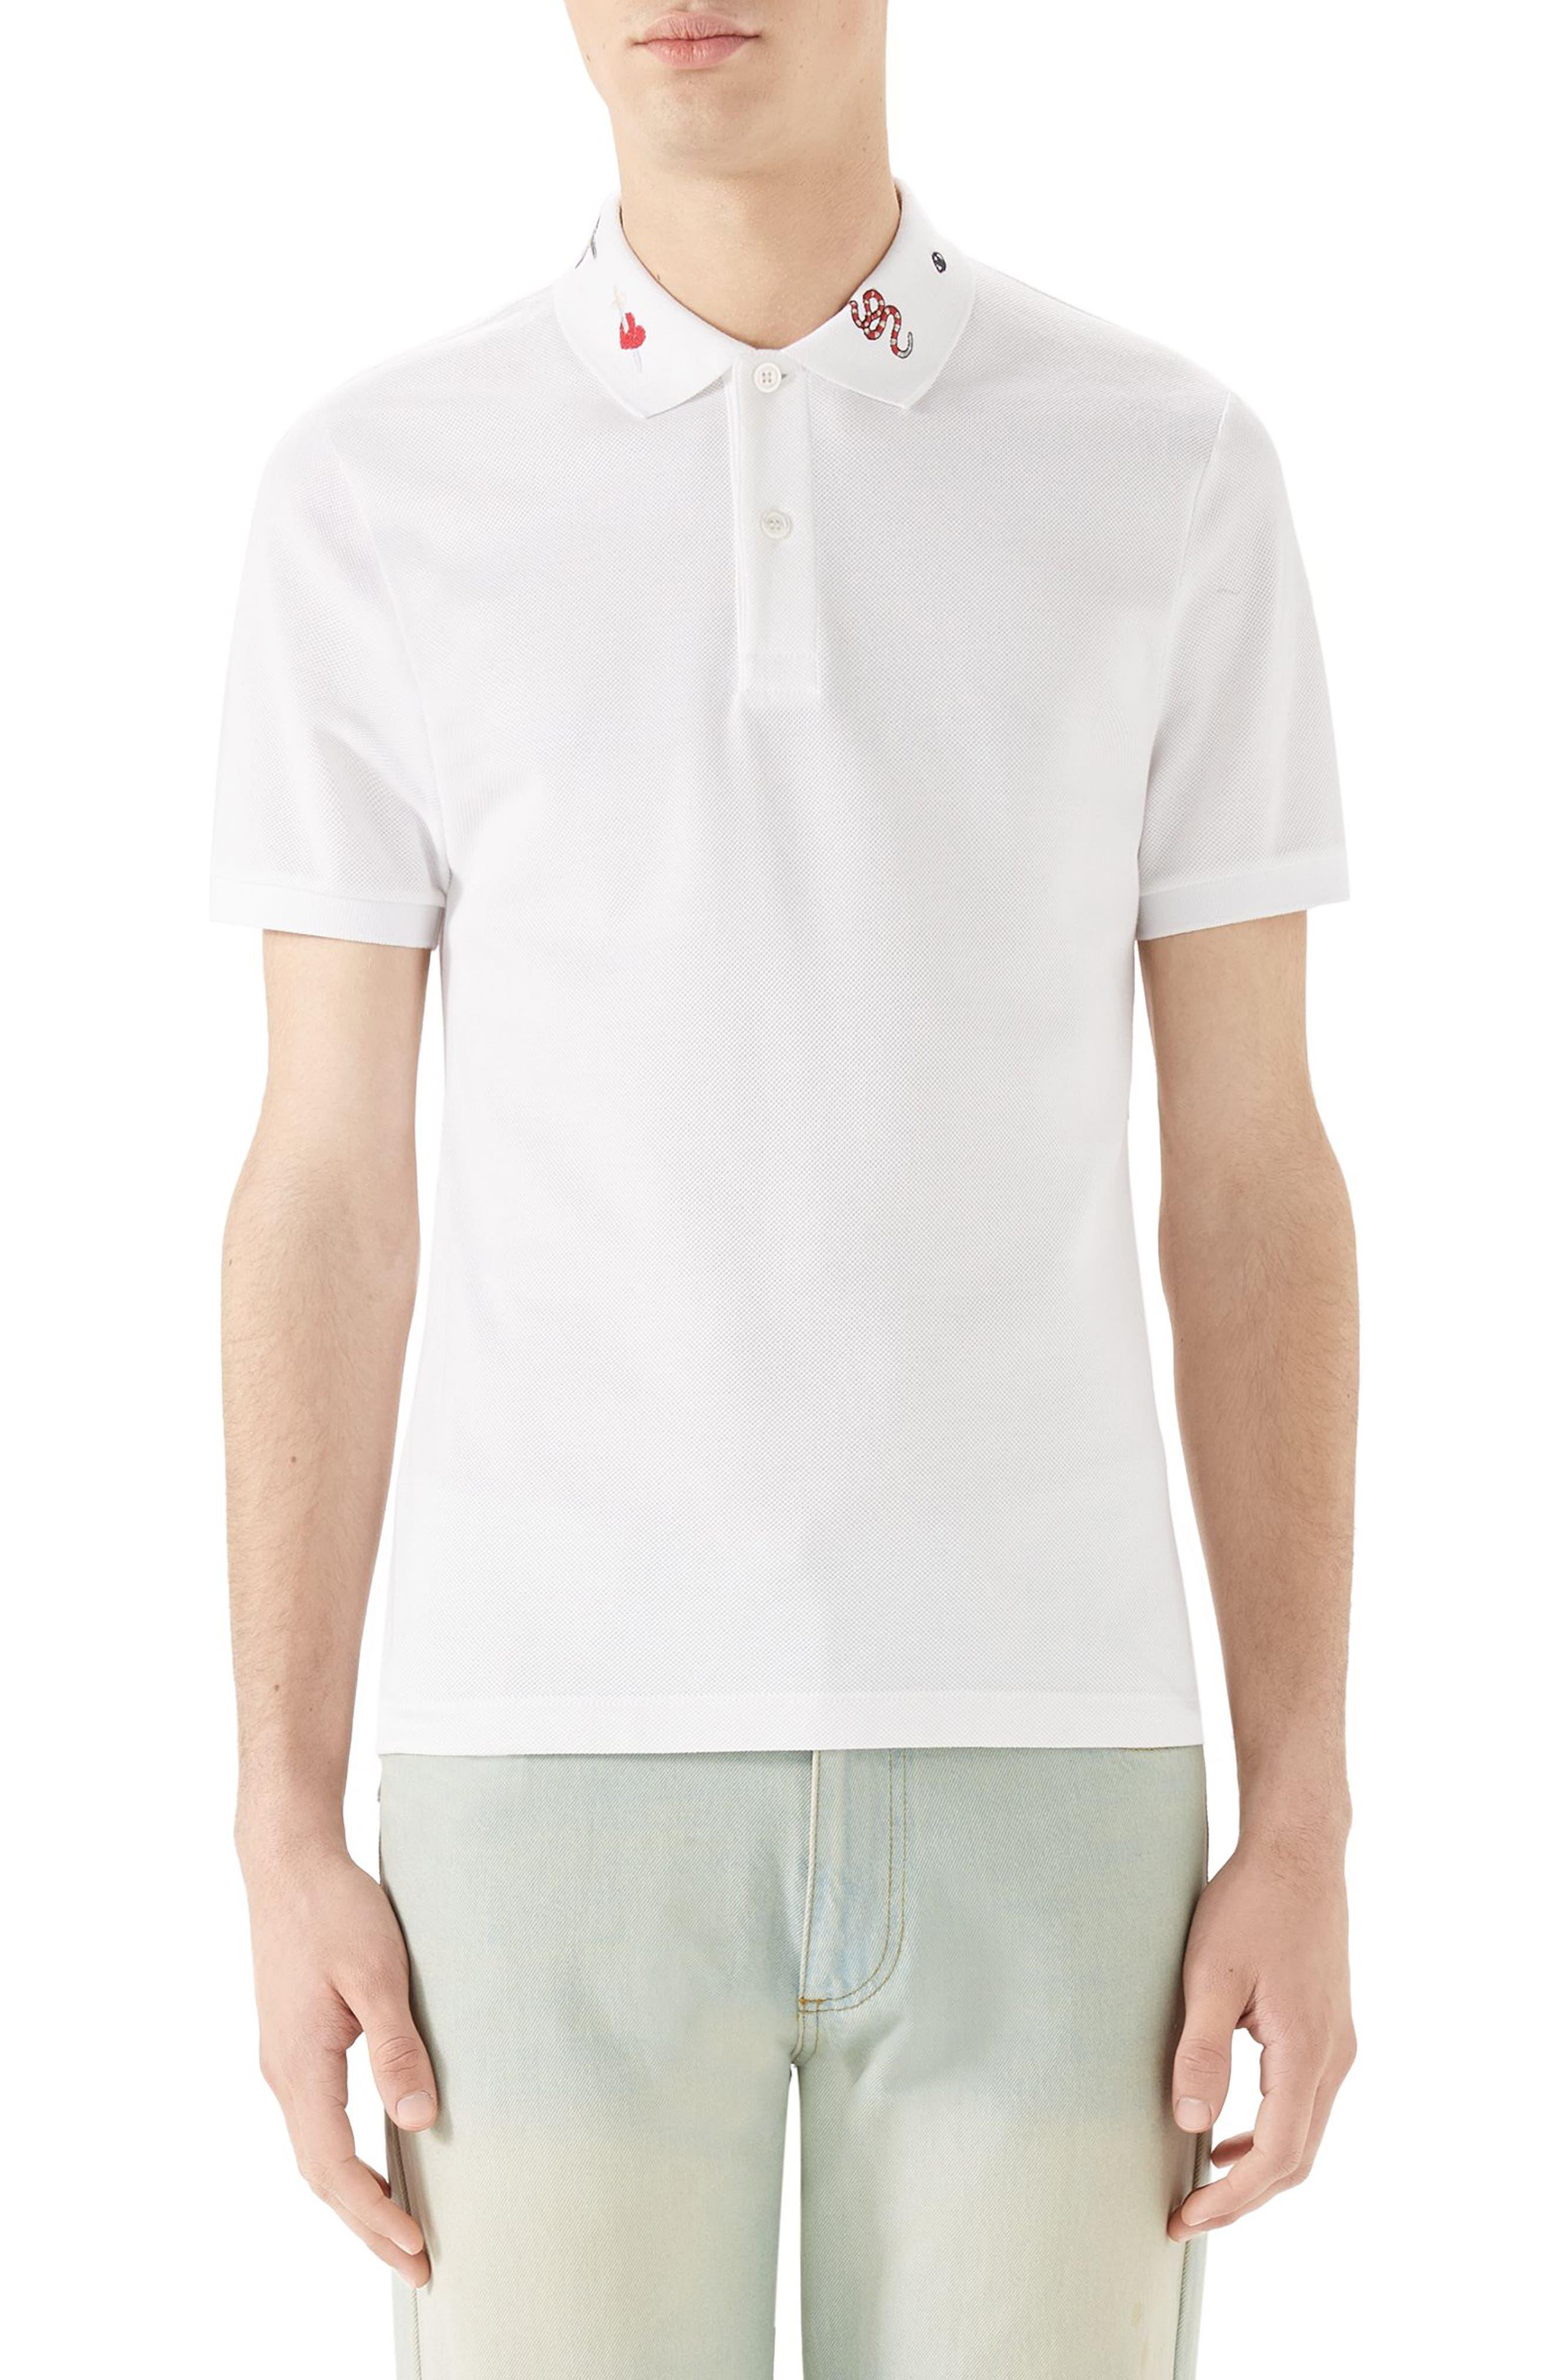 Gucci Embroidered Collar Piqué Polo